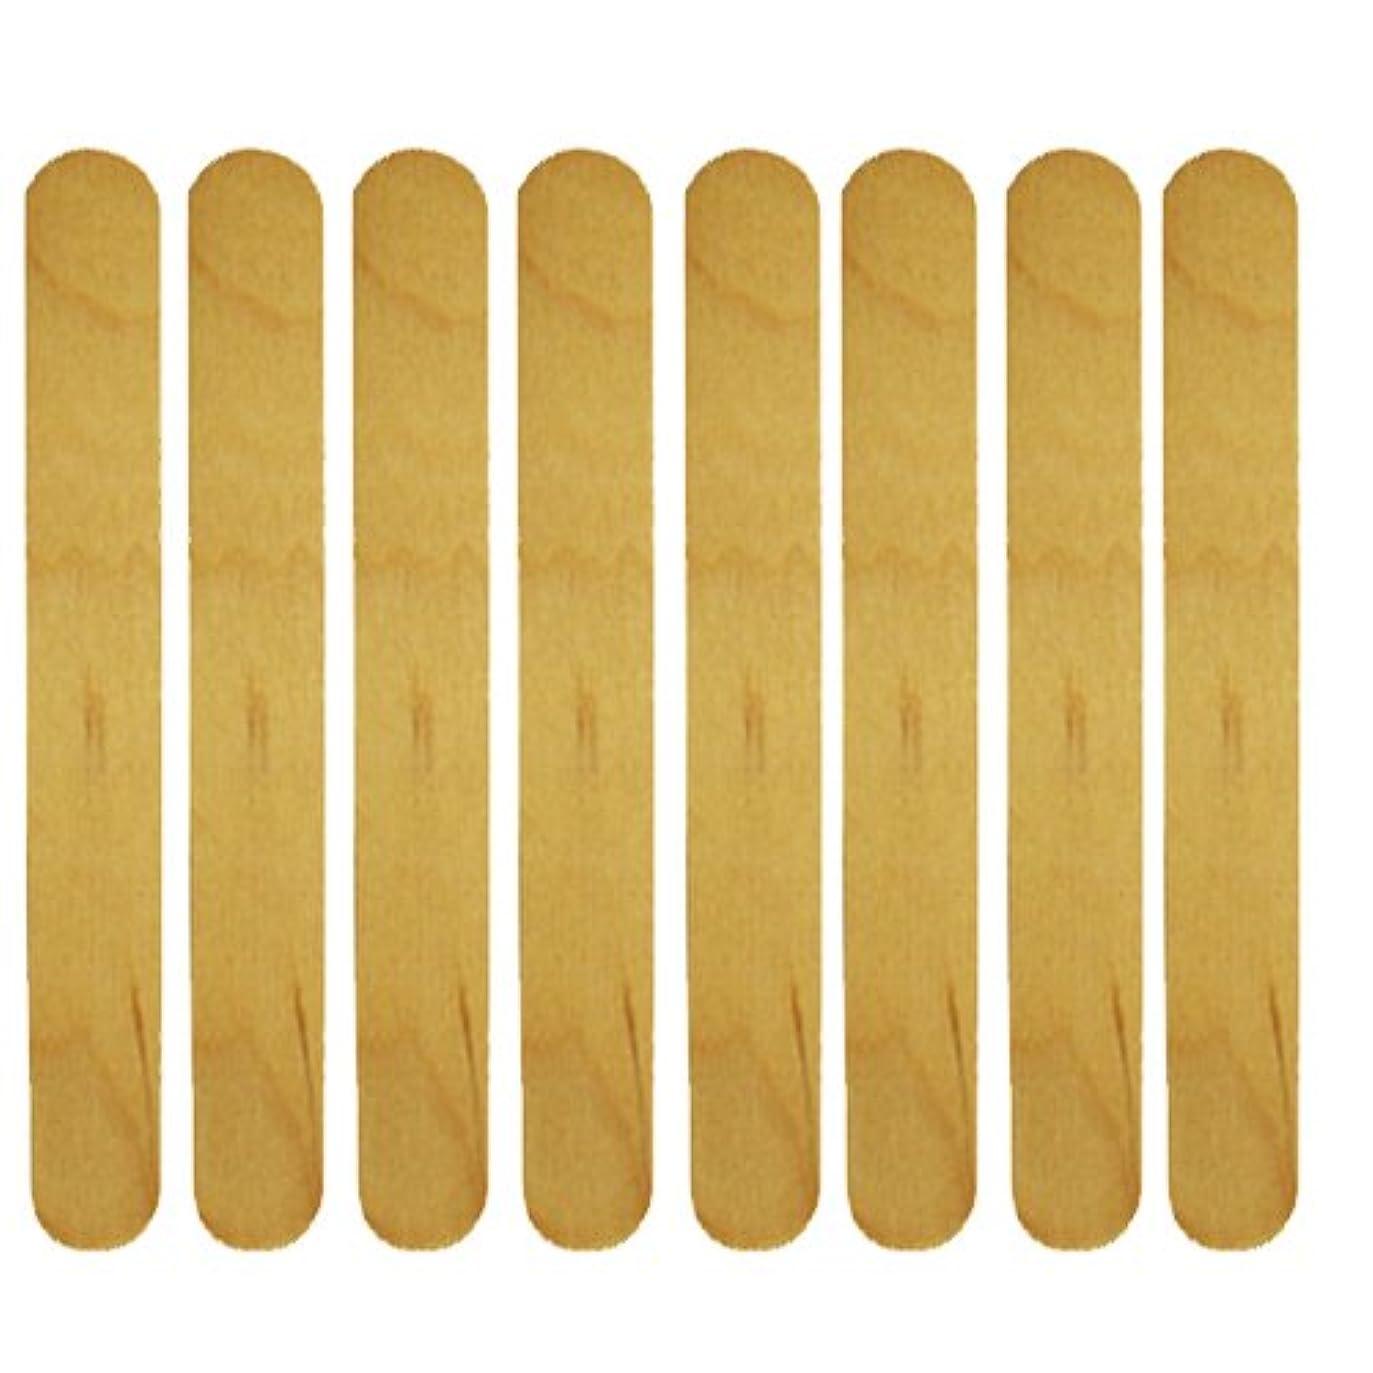 マイコン一貫性のない揃える使い捨て【木ベラ/ウッドスパチュラ】 業務用8枚セット